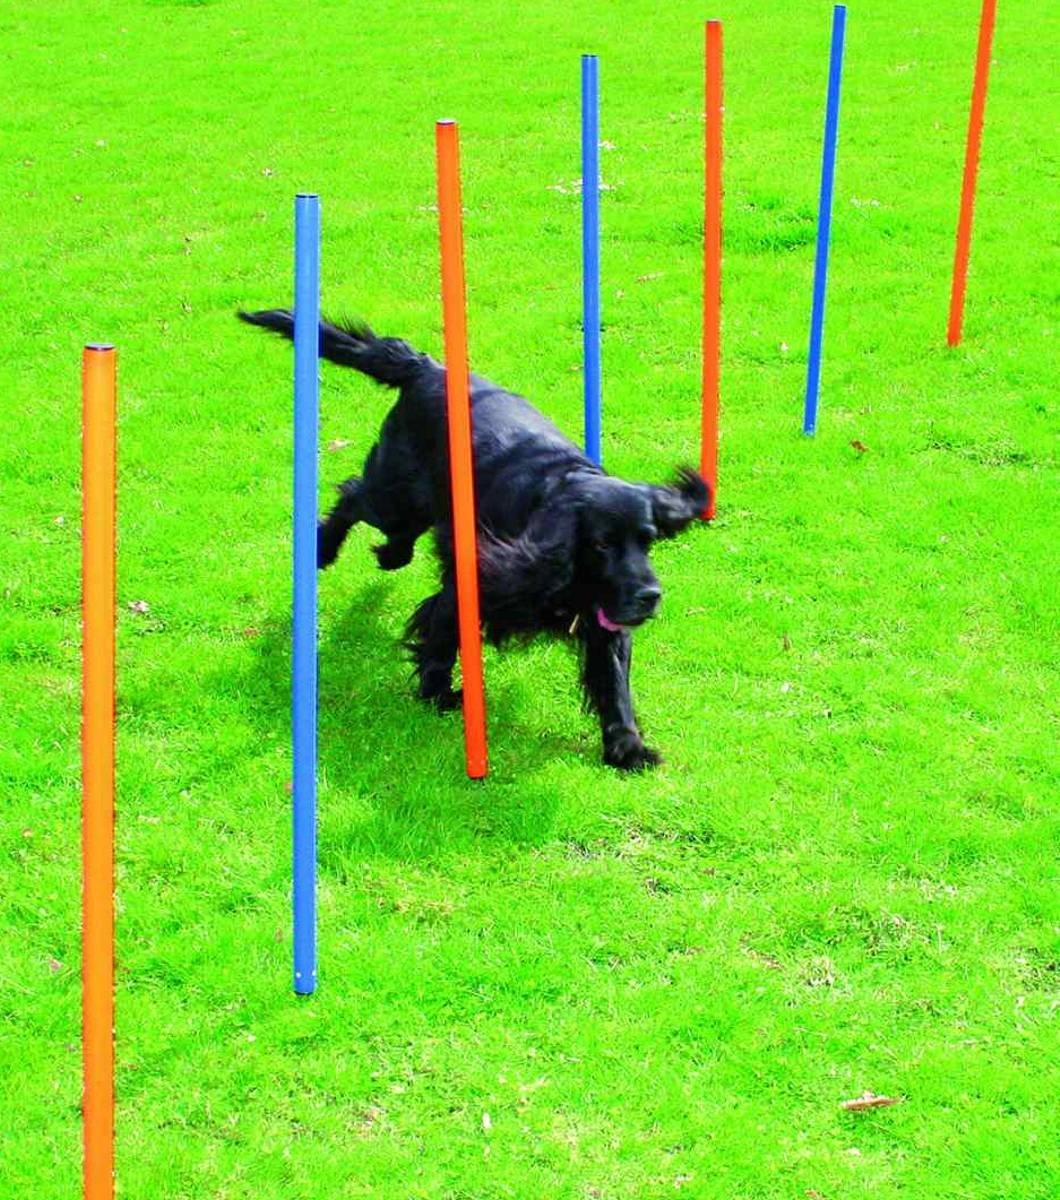 PAWISE 11431 Agility Slalom Poles Dog Training Hurdles Sticks Set + Bag, Pack of 12